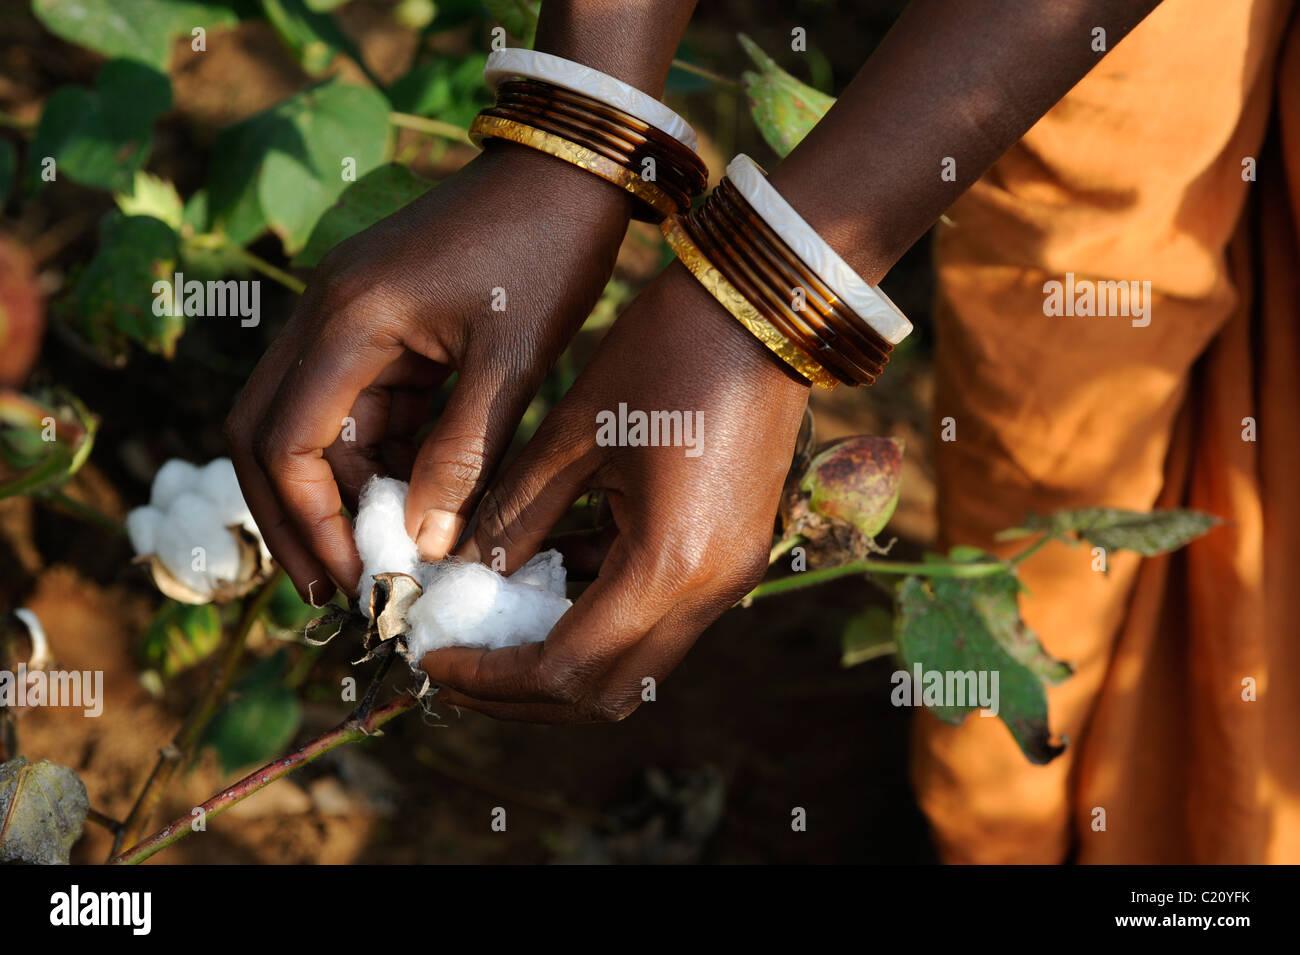 India Orissa , il commercio equo e solidale e di cotone biologico gli agricoltori della cooperativa Agrocel vicino Immagini Stock